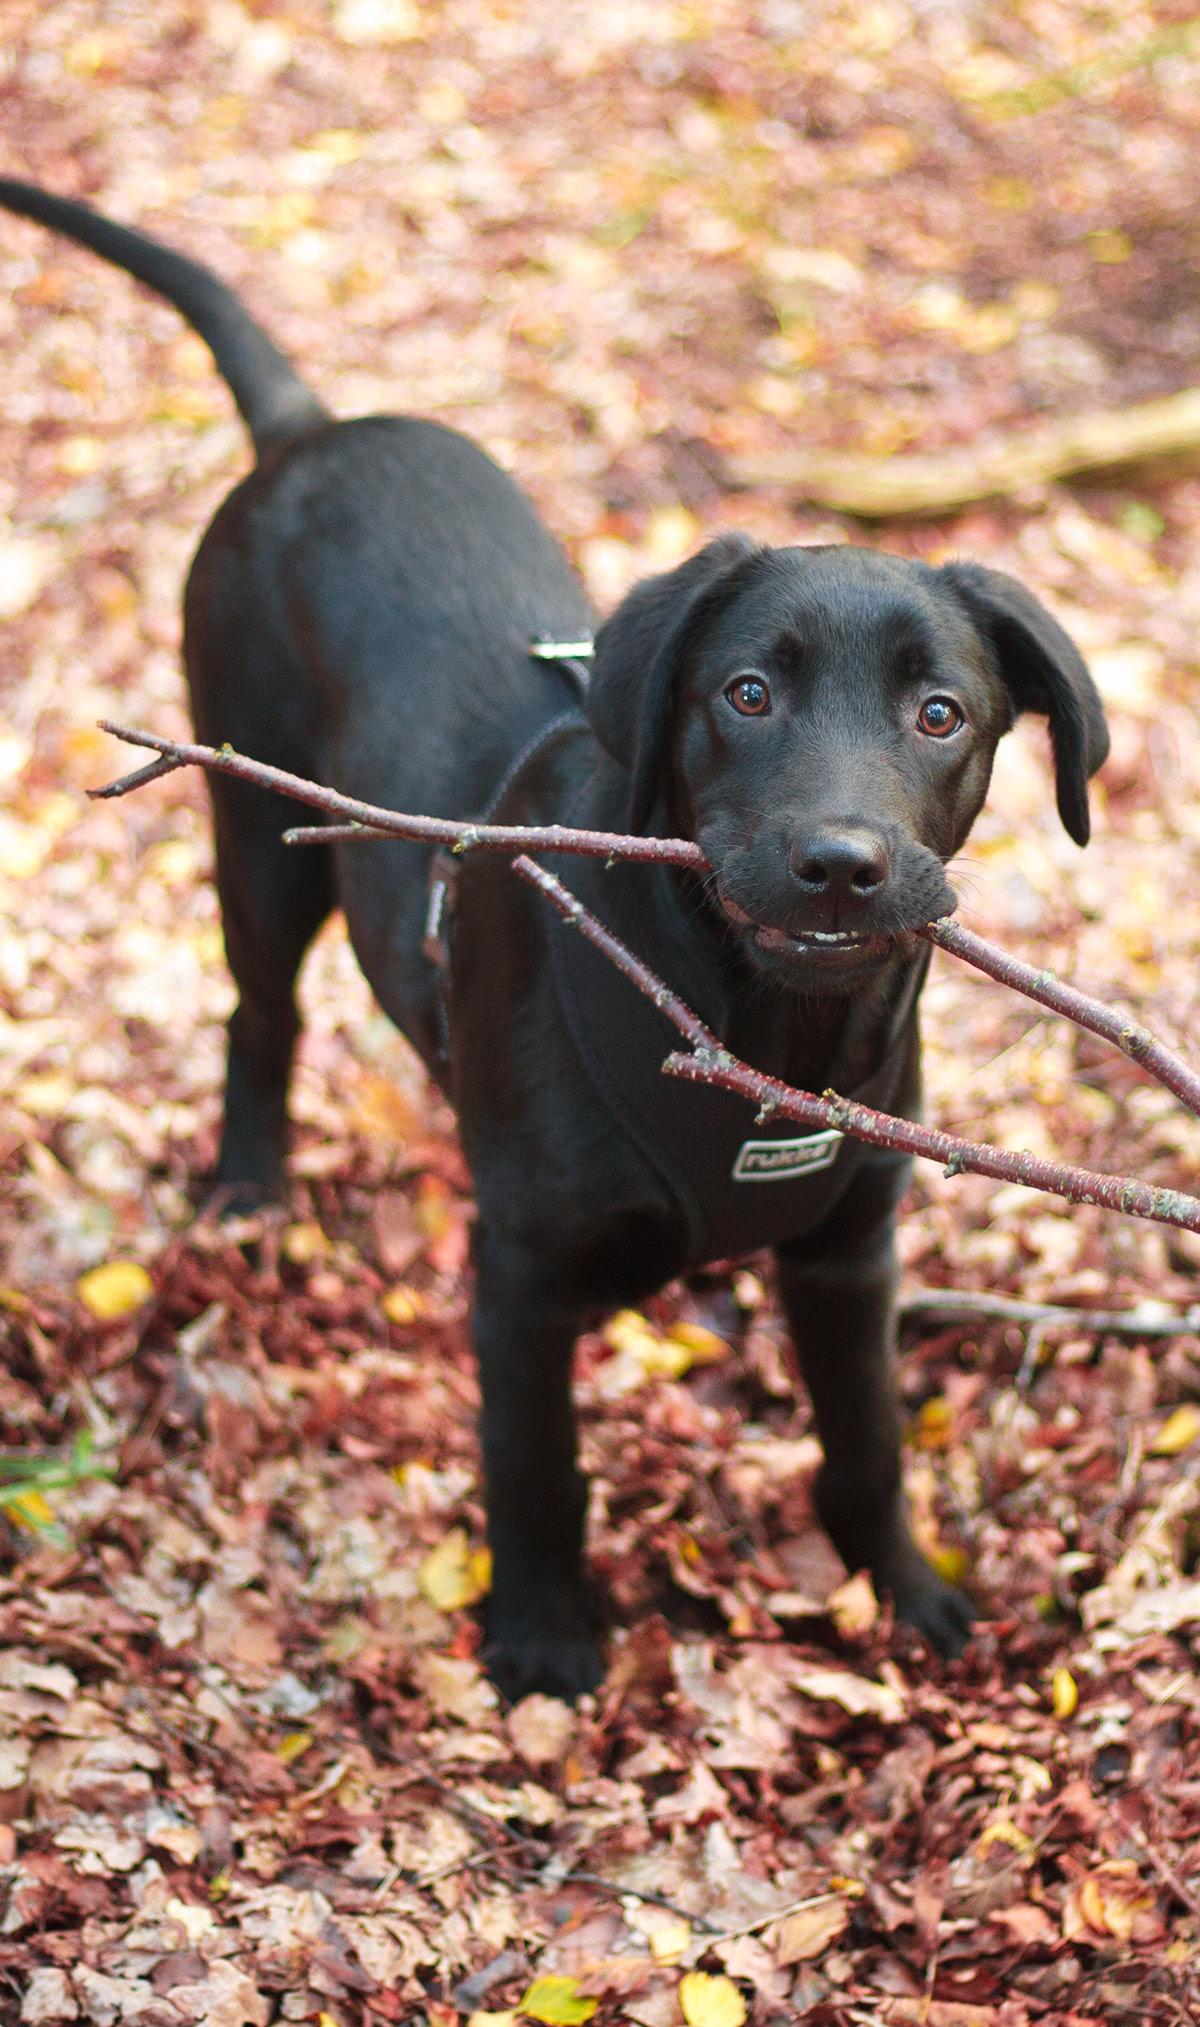 Golden Retriever Lab Mix - Have You Discovered the Goldador Dog?